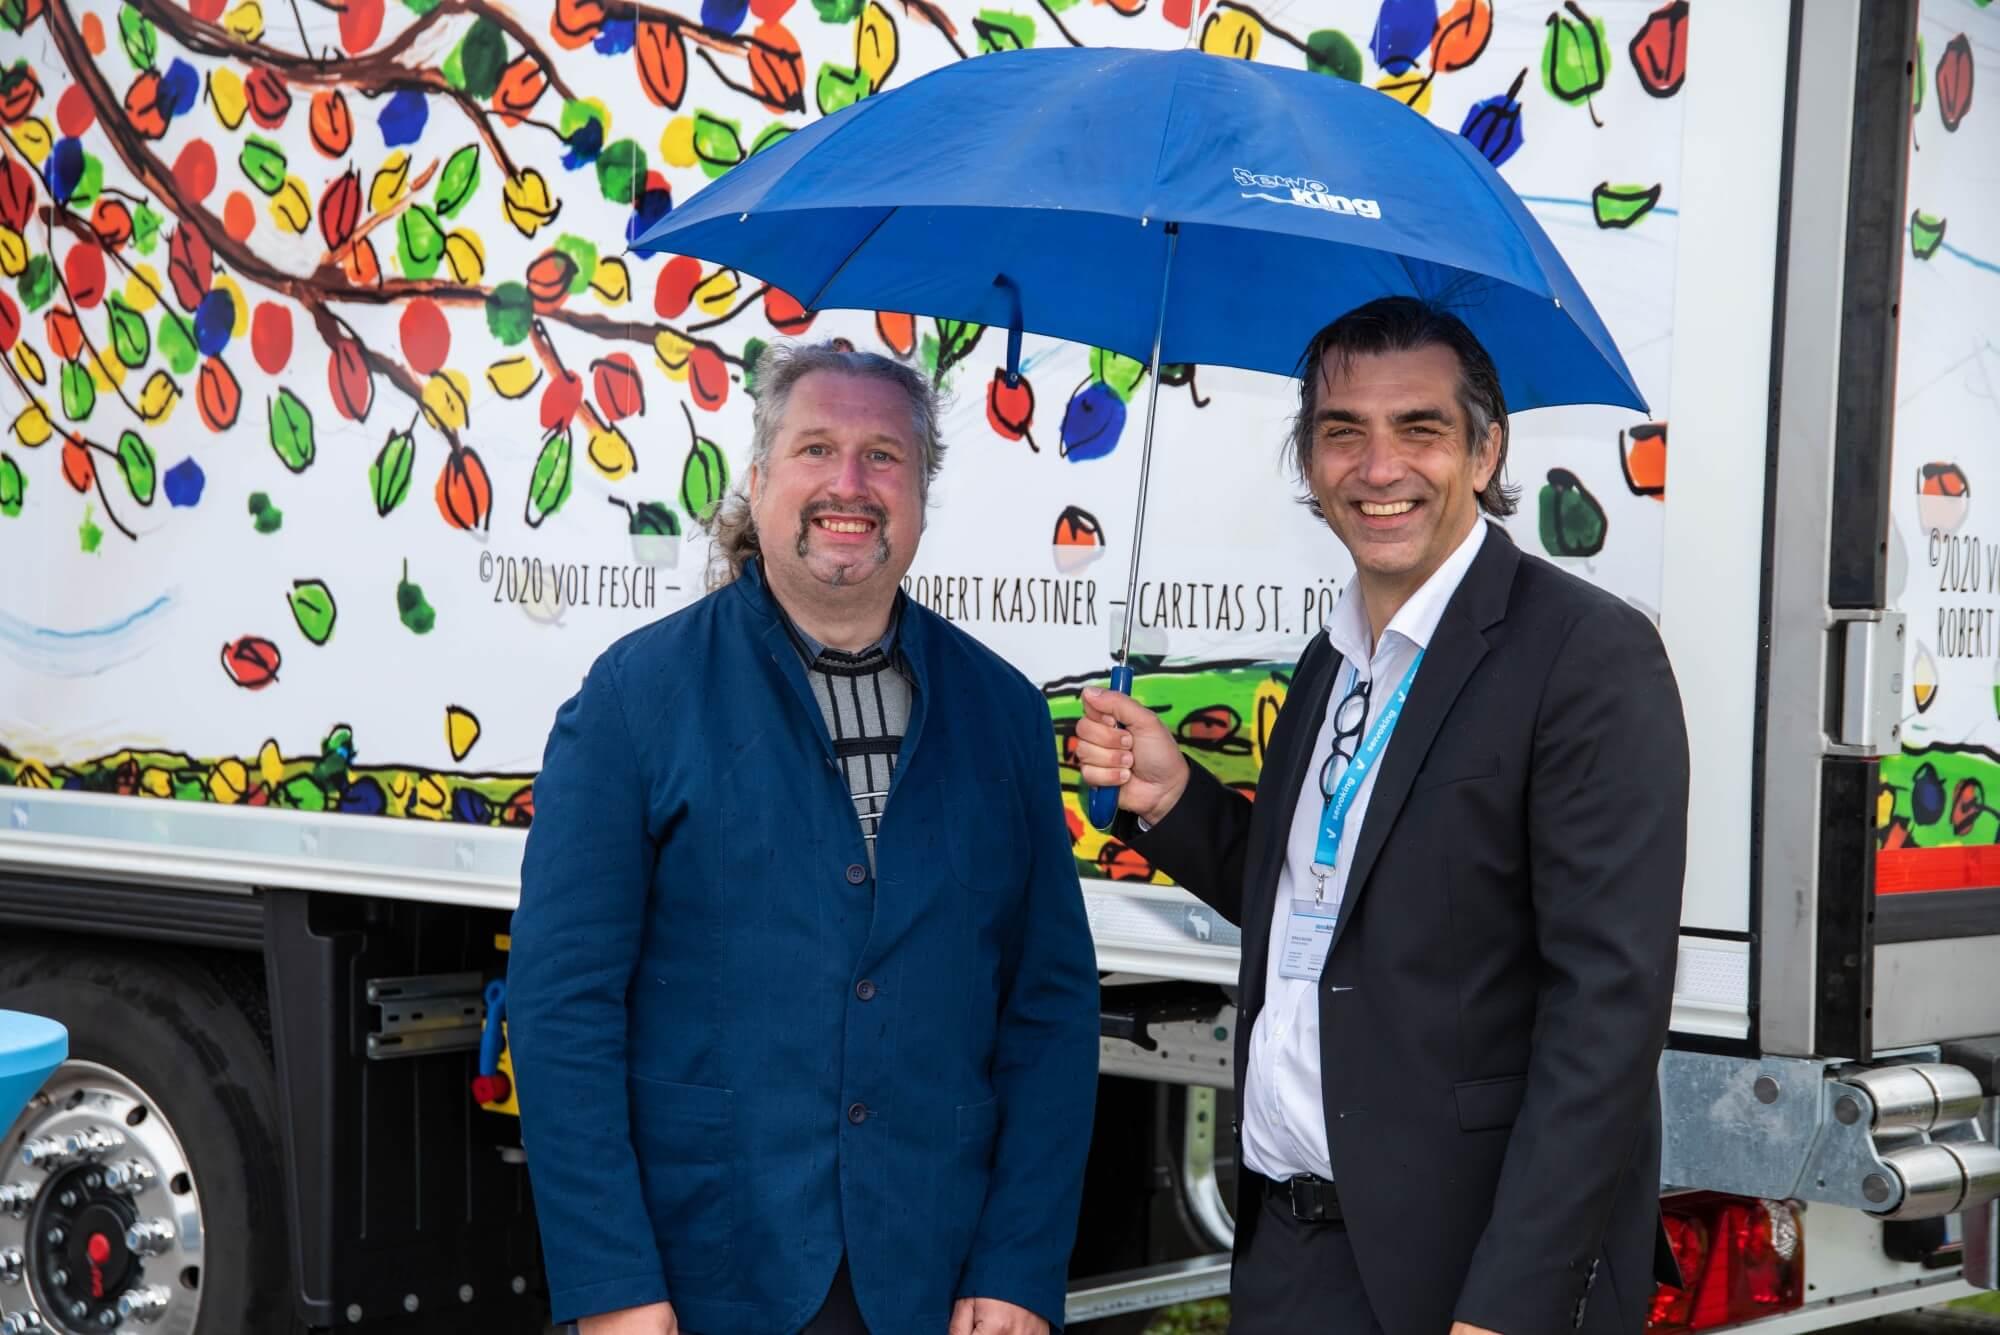 Künstler Robert Kastner mit Servoking Geschäftsführer Gerald Bucher, welcher einen blauen Regenschirm hält.